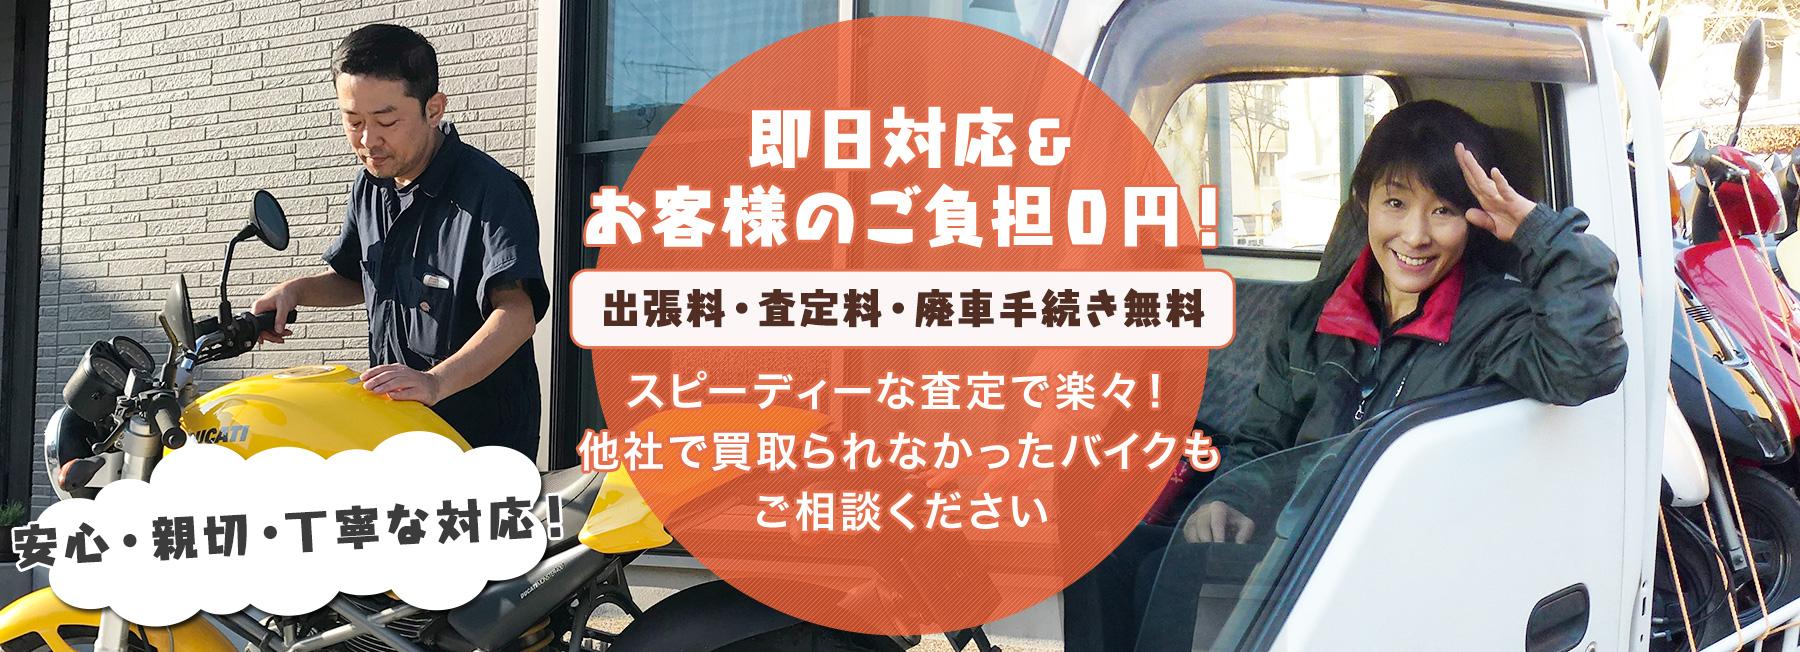 即日対応&お客様のご負担0円!出張費・査定料・廃棄料が無料!